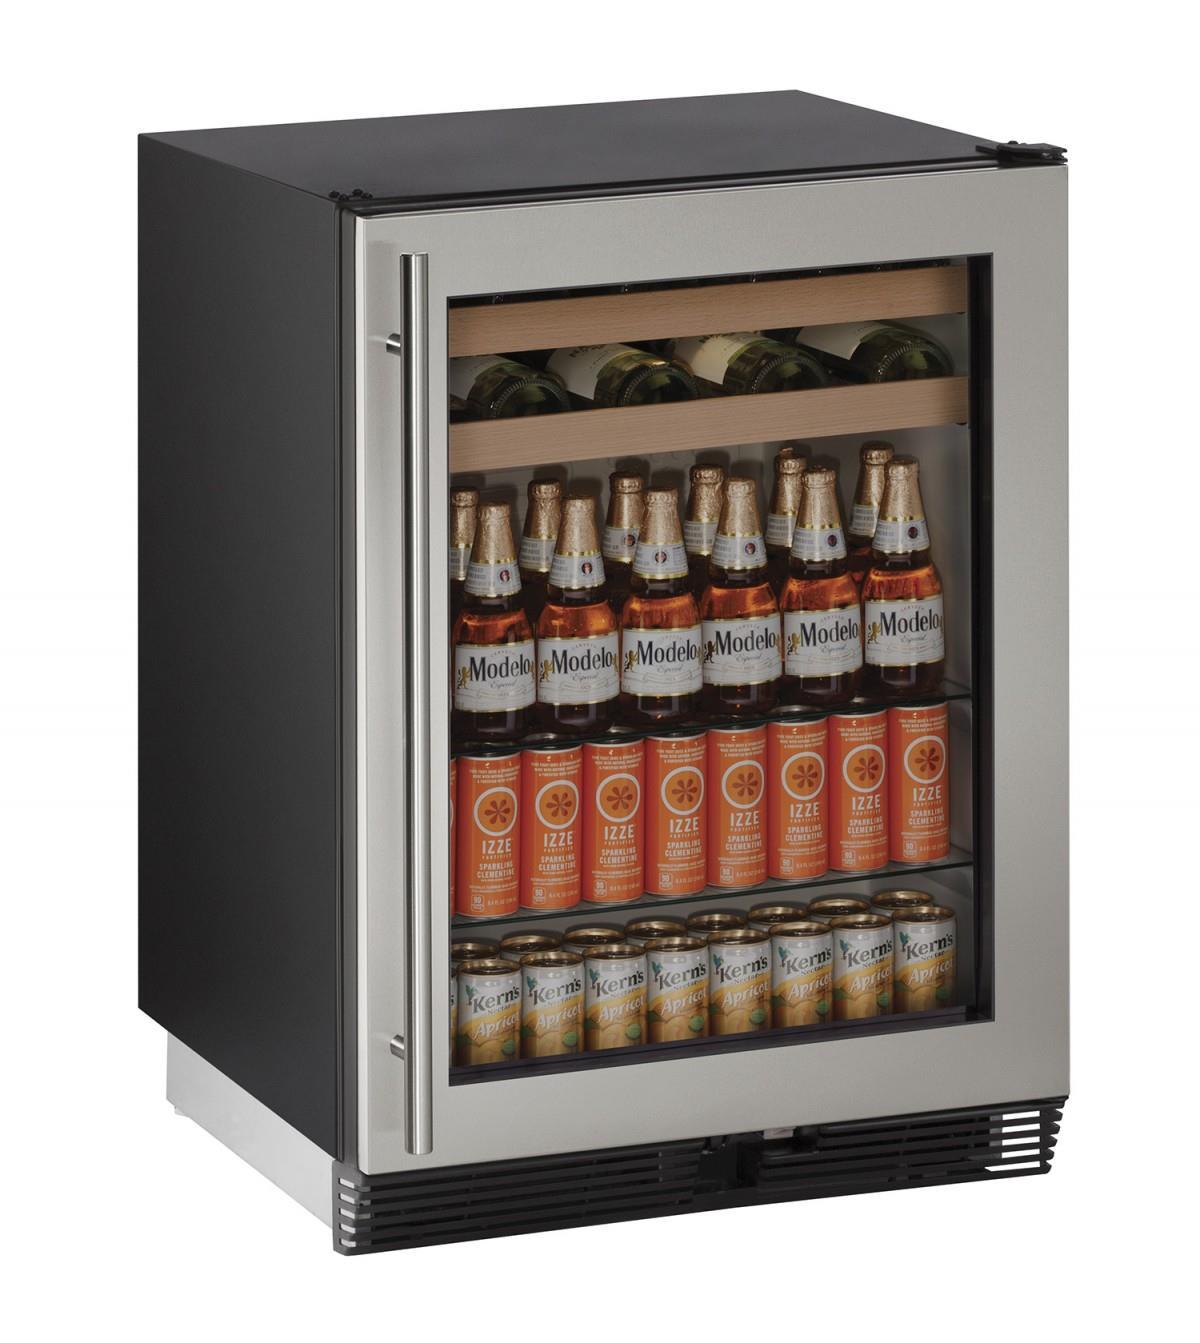 """U-Line Beverage Centers 5.4 cu ft. 1000 Series 24"""" Beverage Center - Item Number: U-1024BEVS-00A"""